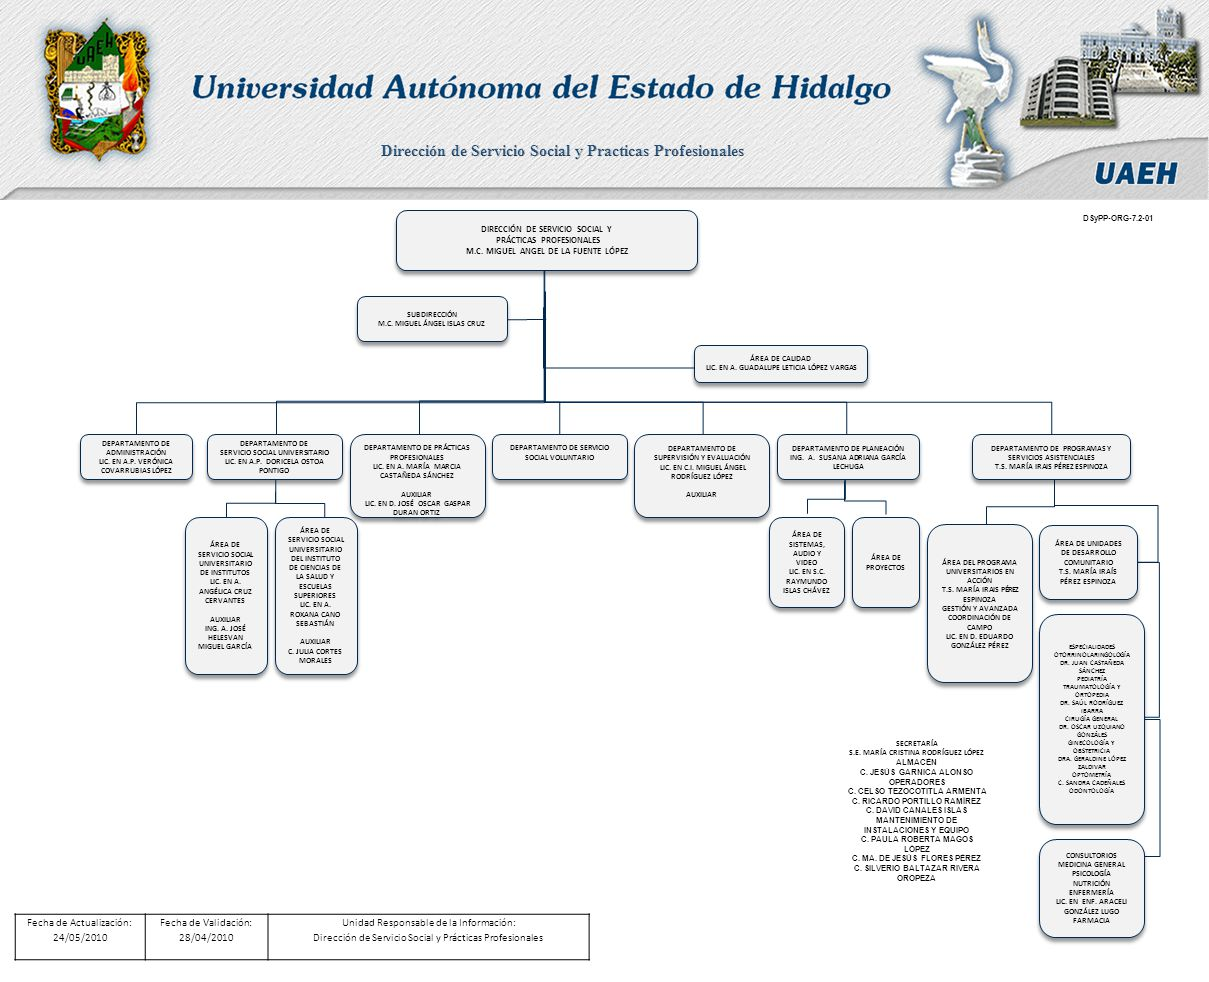 Dirección de Servicio Social y Practicas Profesionales